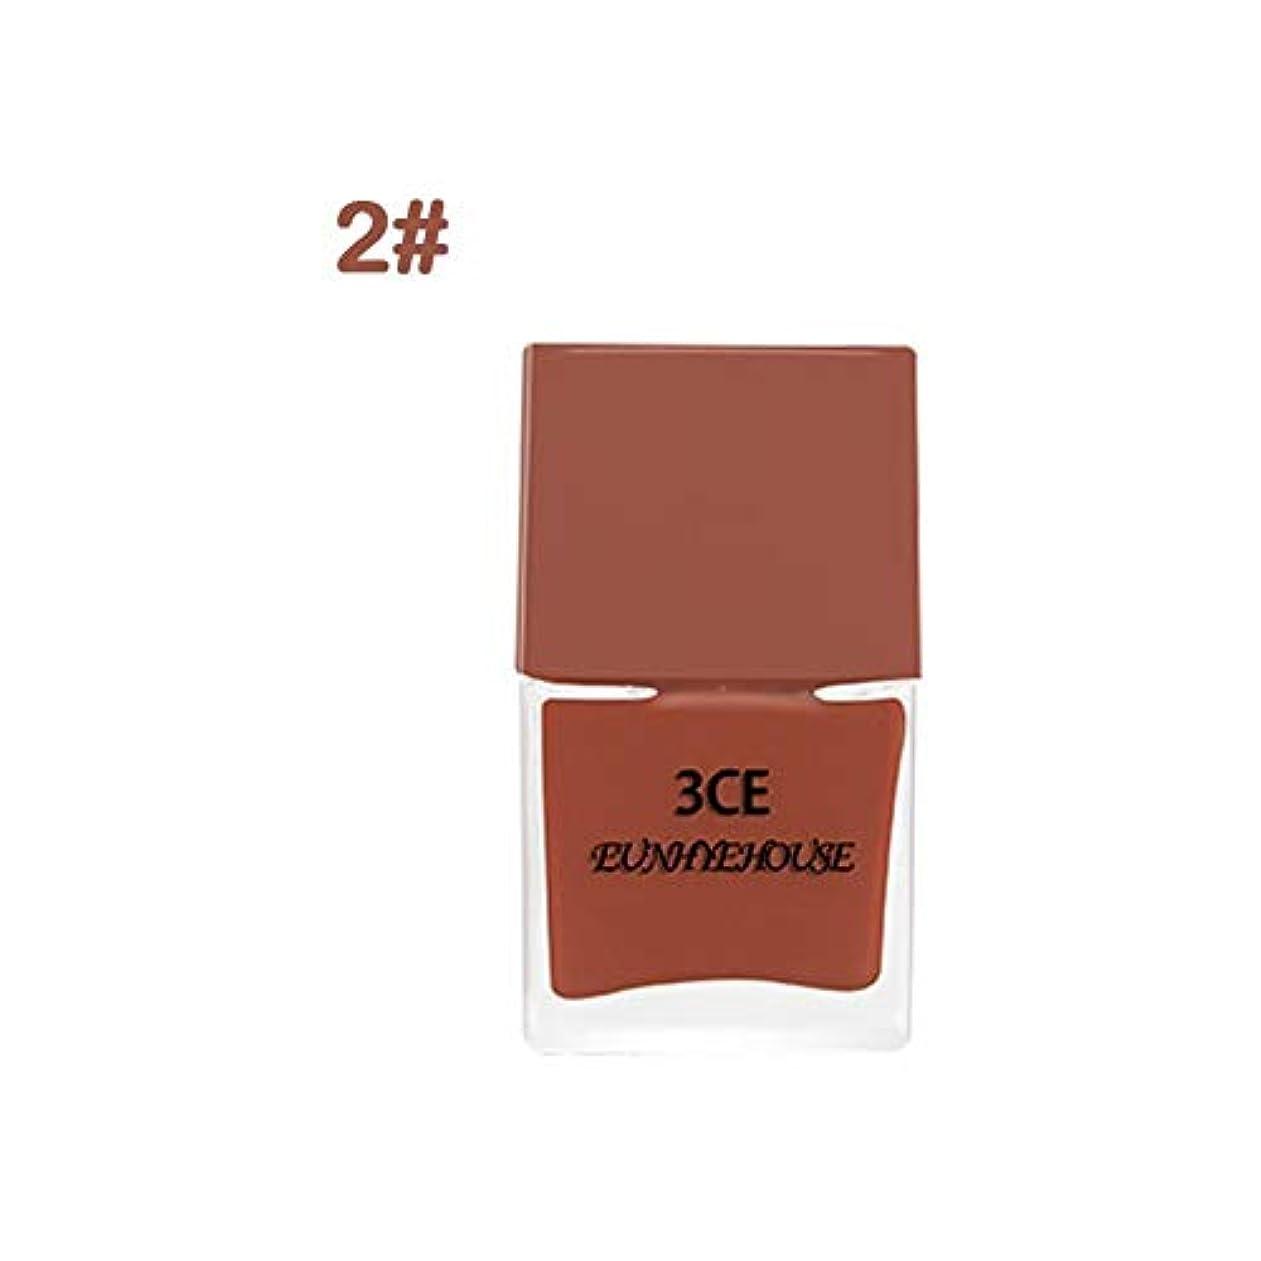 機械的決めますリール高品質 8色選べる ネイルポリッシュ ネイルカラー レッド パンプキンカラー 秋色 ネイルデコレーション ネイルジェル マニキュア 人気ネイル用品 junexi